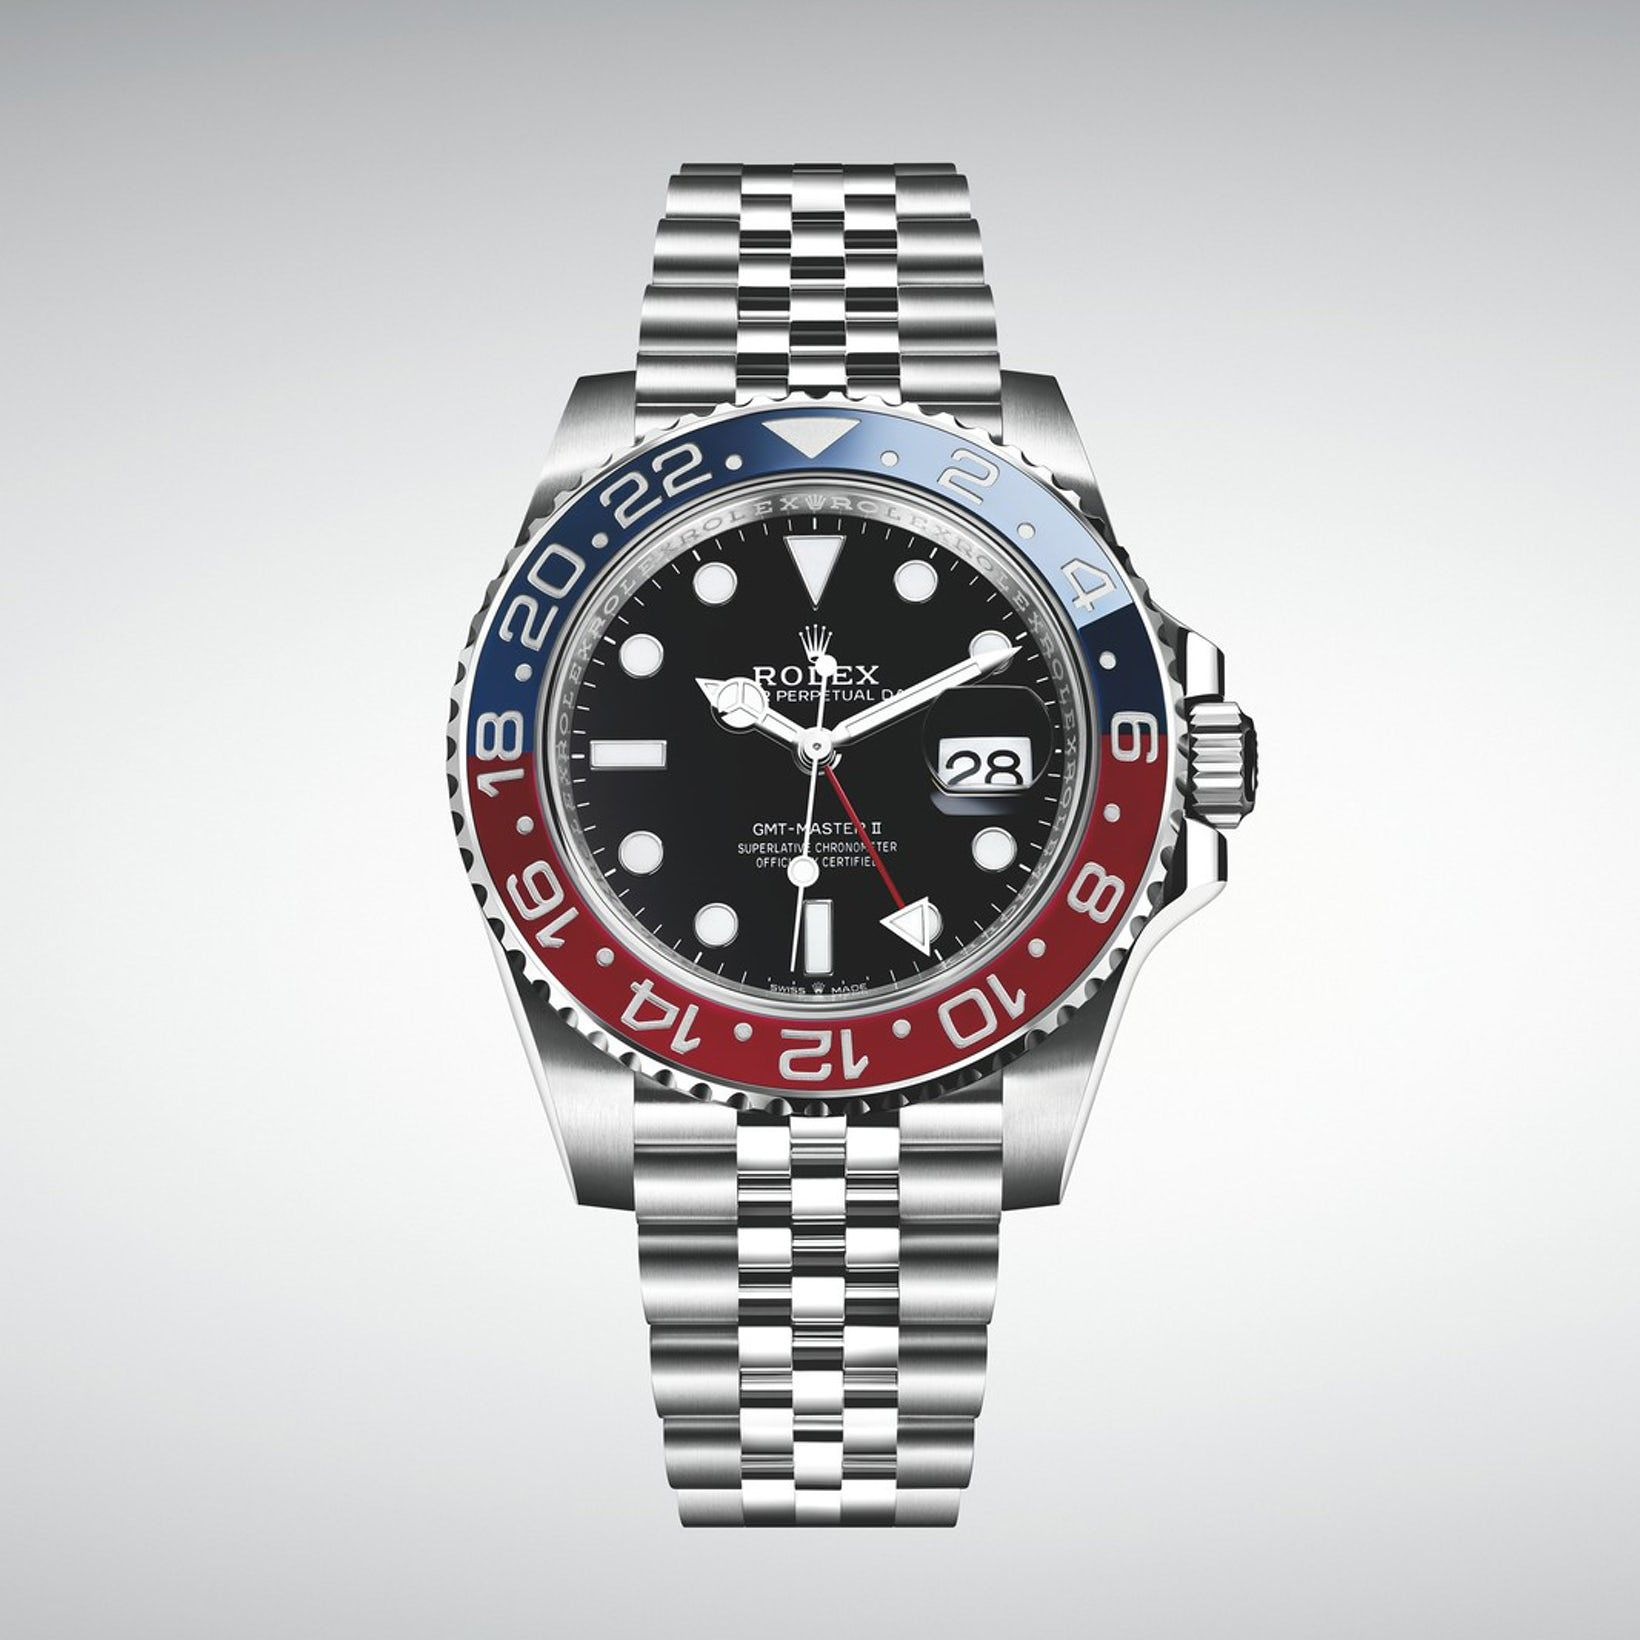 Introducing The Rolex Gmt Master Ii Pepsi In Stainless Steel Ref 126710 Blro Hodinkee Rolex Gmt Rolex Rolex Gmt Master Ii